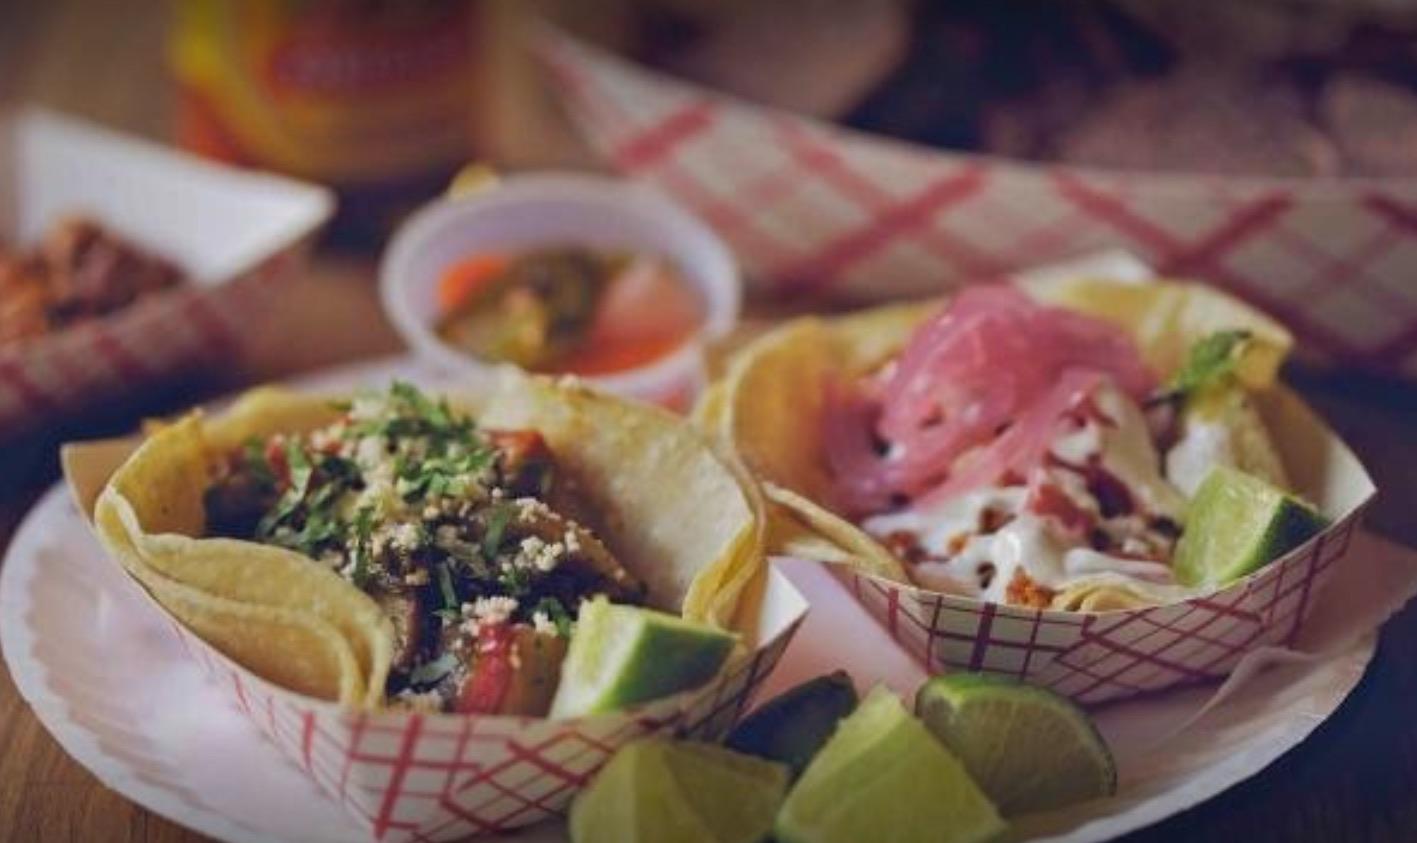 calexico dish park slope brooklyn new york city ny